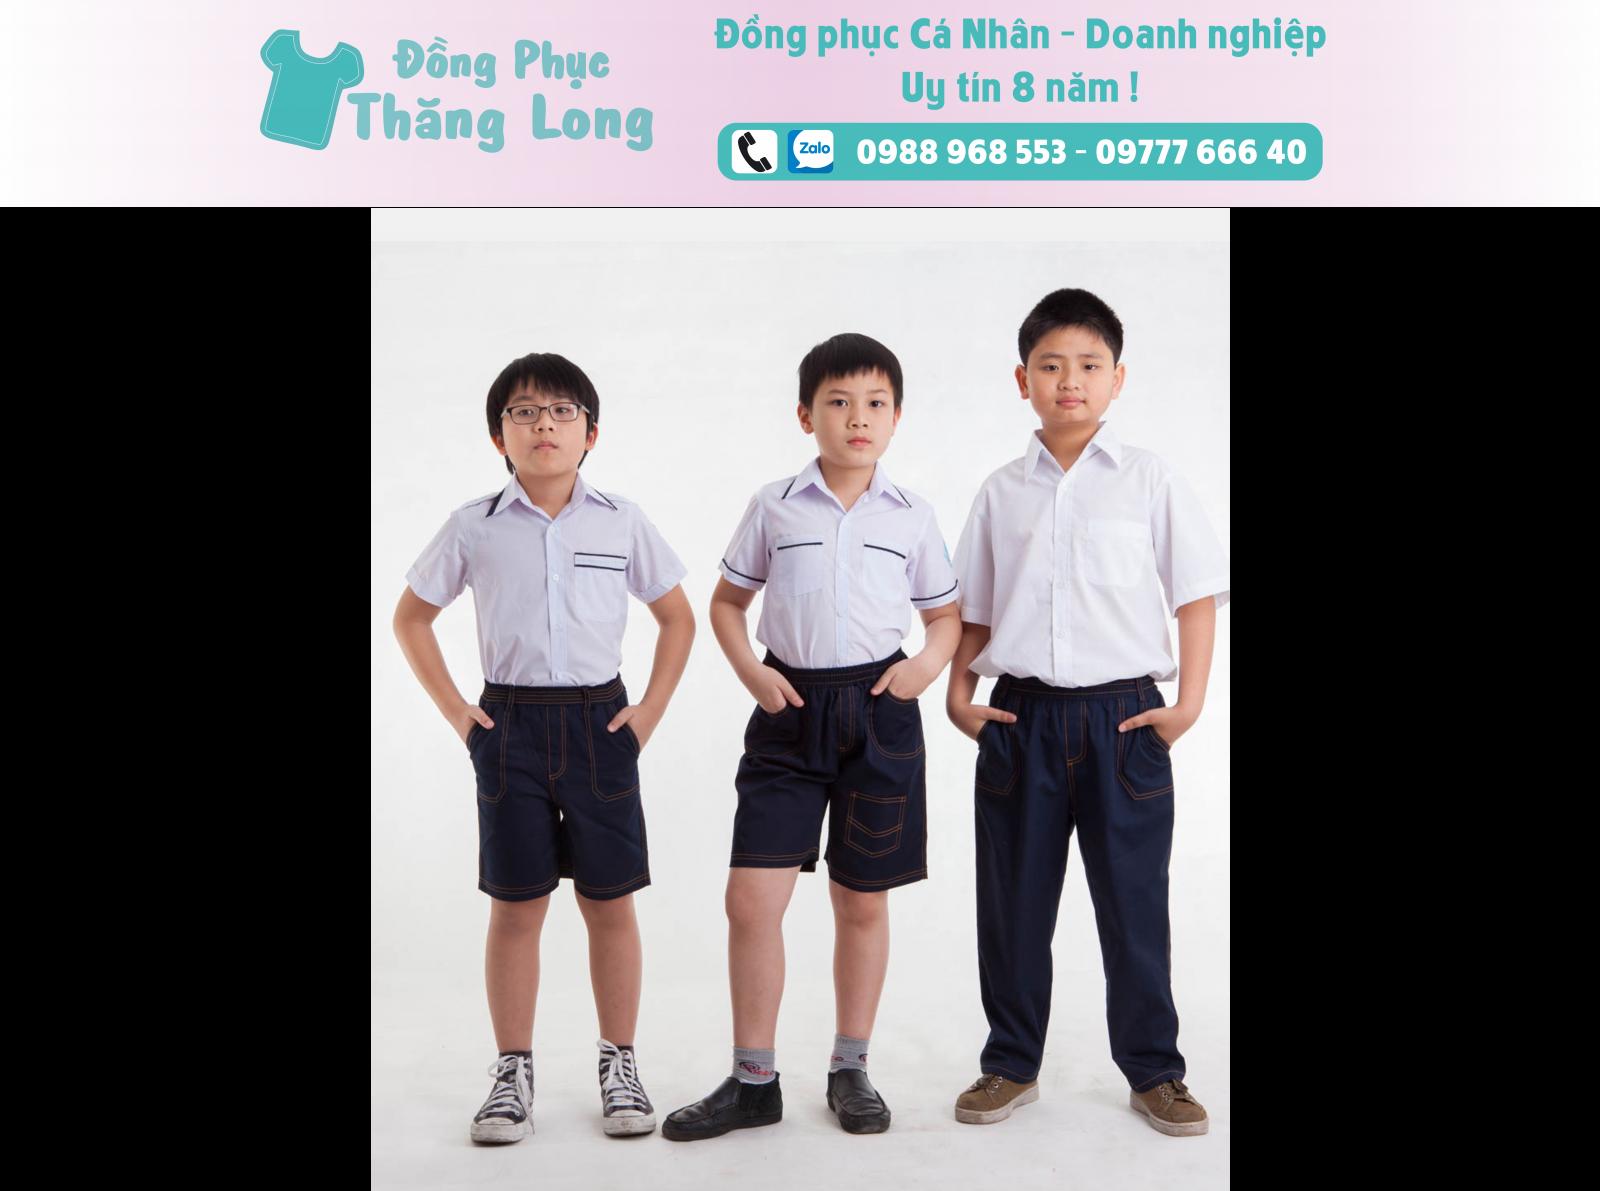 Đồng phục học sinh mẫu 004